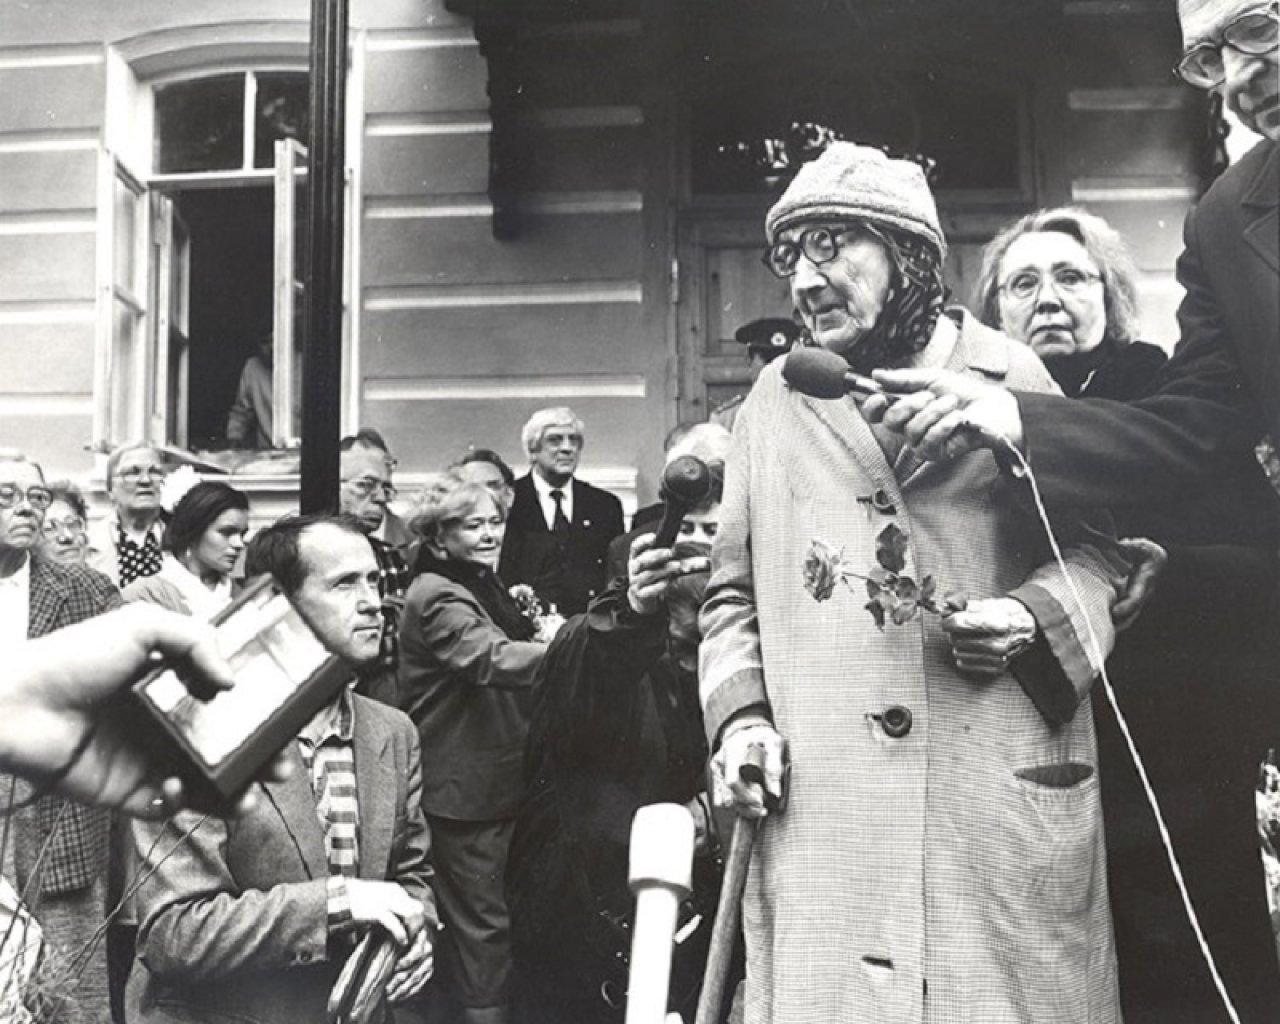 Анастасия Цветаева на открытии мемориальной доски в 1991 году в Москве / Фото: dommuseum.ru